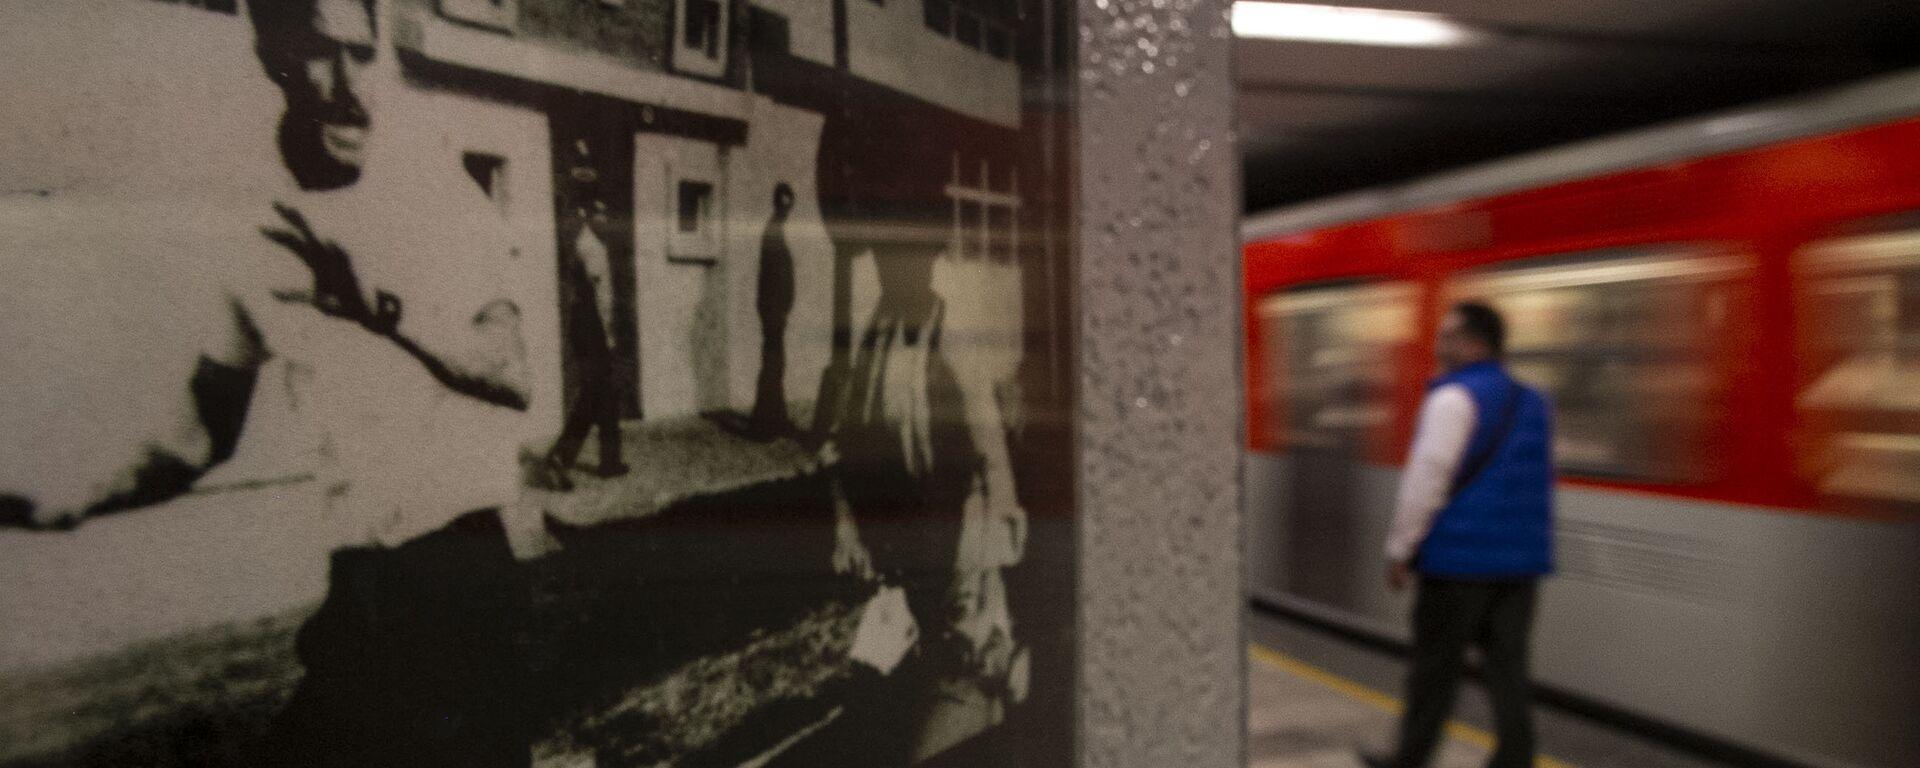 Fotografía de la masacre del 10 de junio del 1971 en el metro Normal - Sputnik Mundo, 1920, 15.04.2019